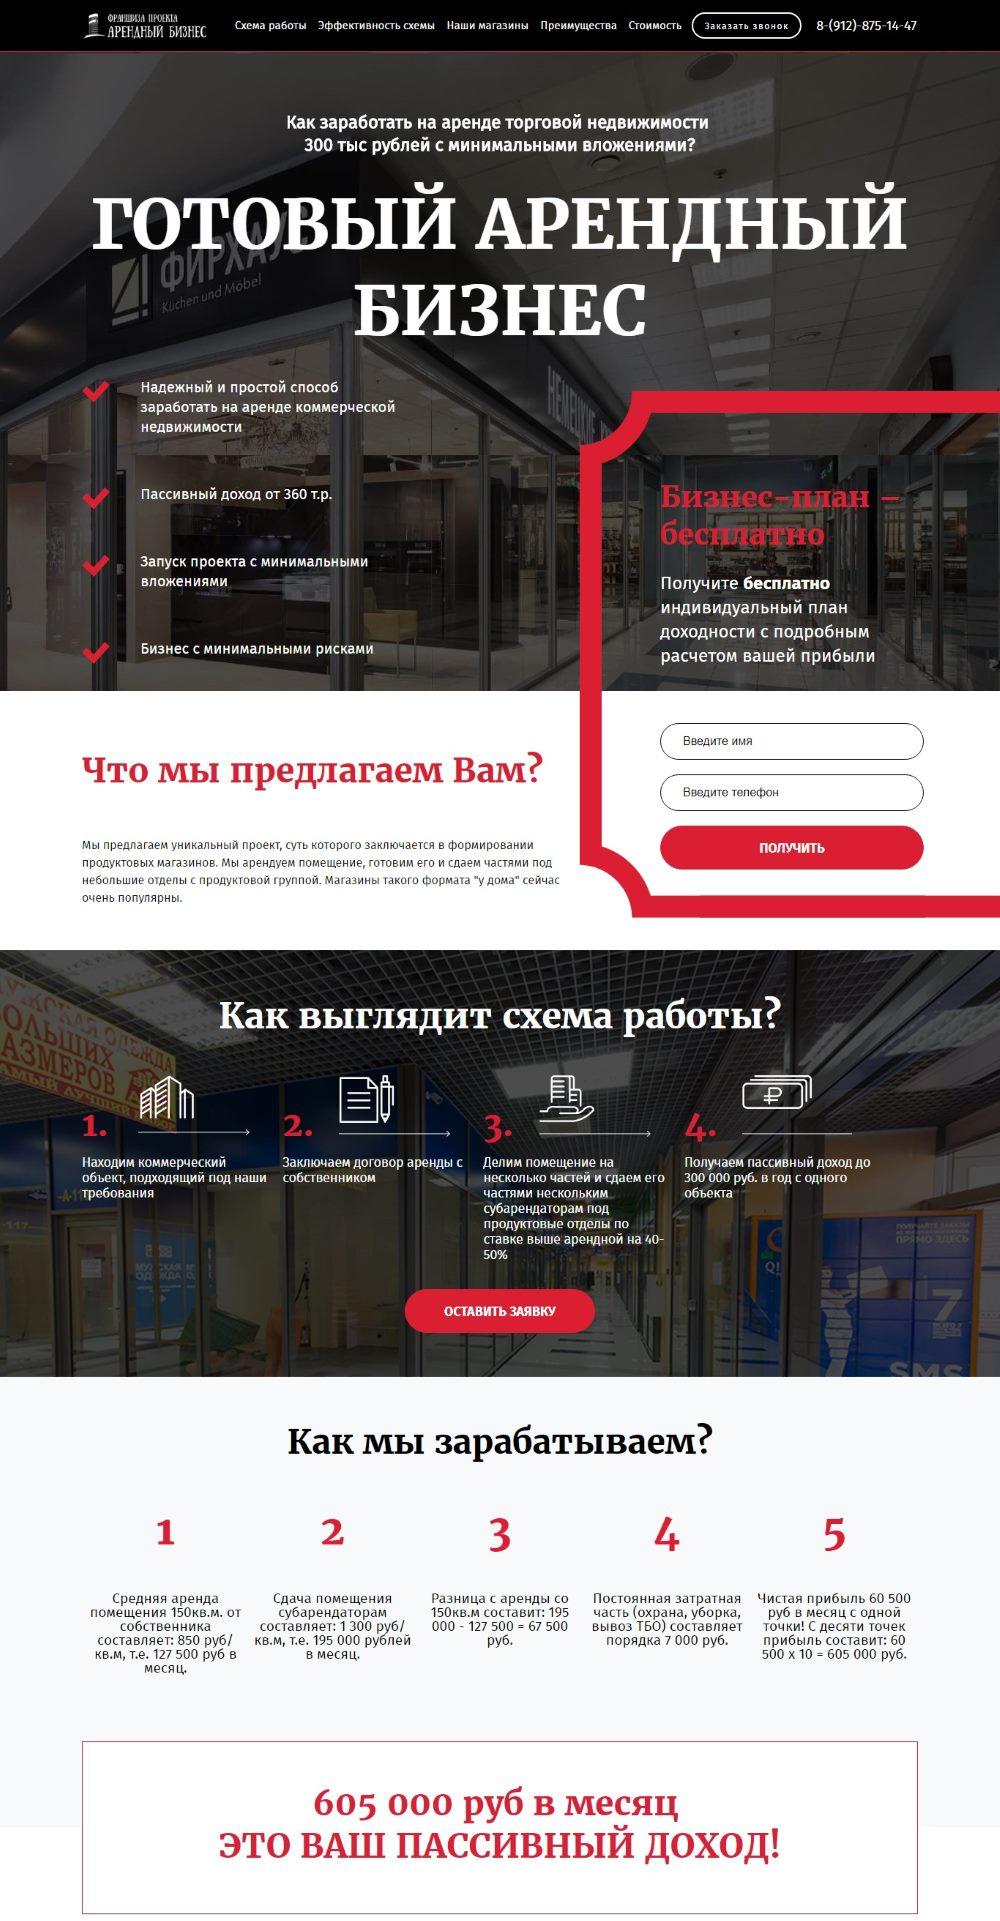 Разработка Landing Page готовый арендный бизнес